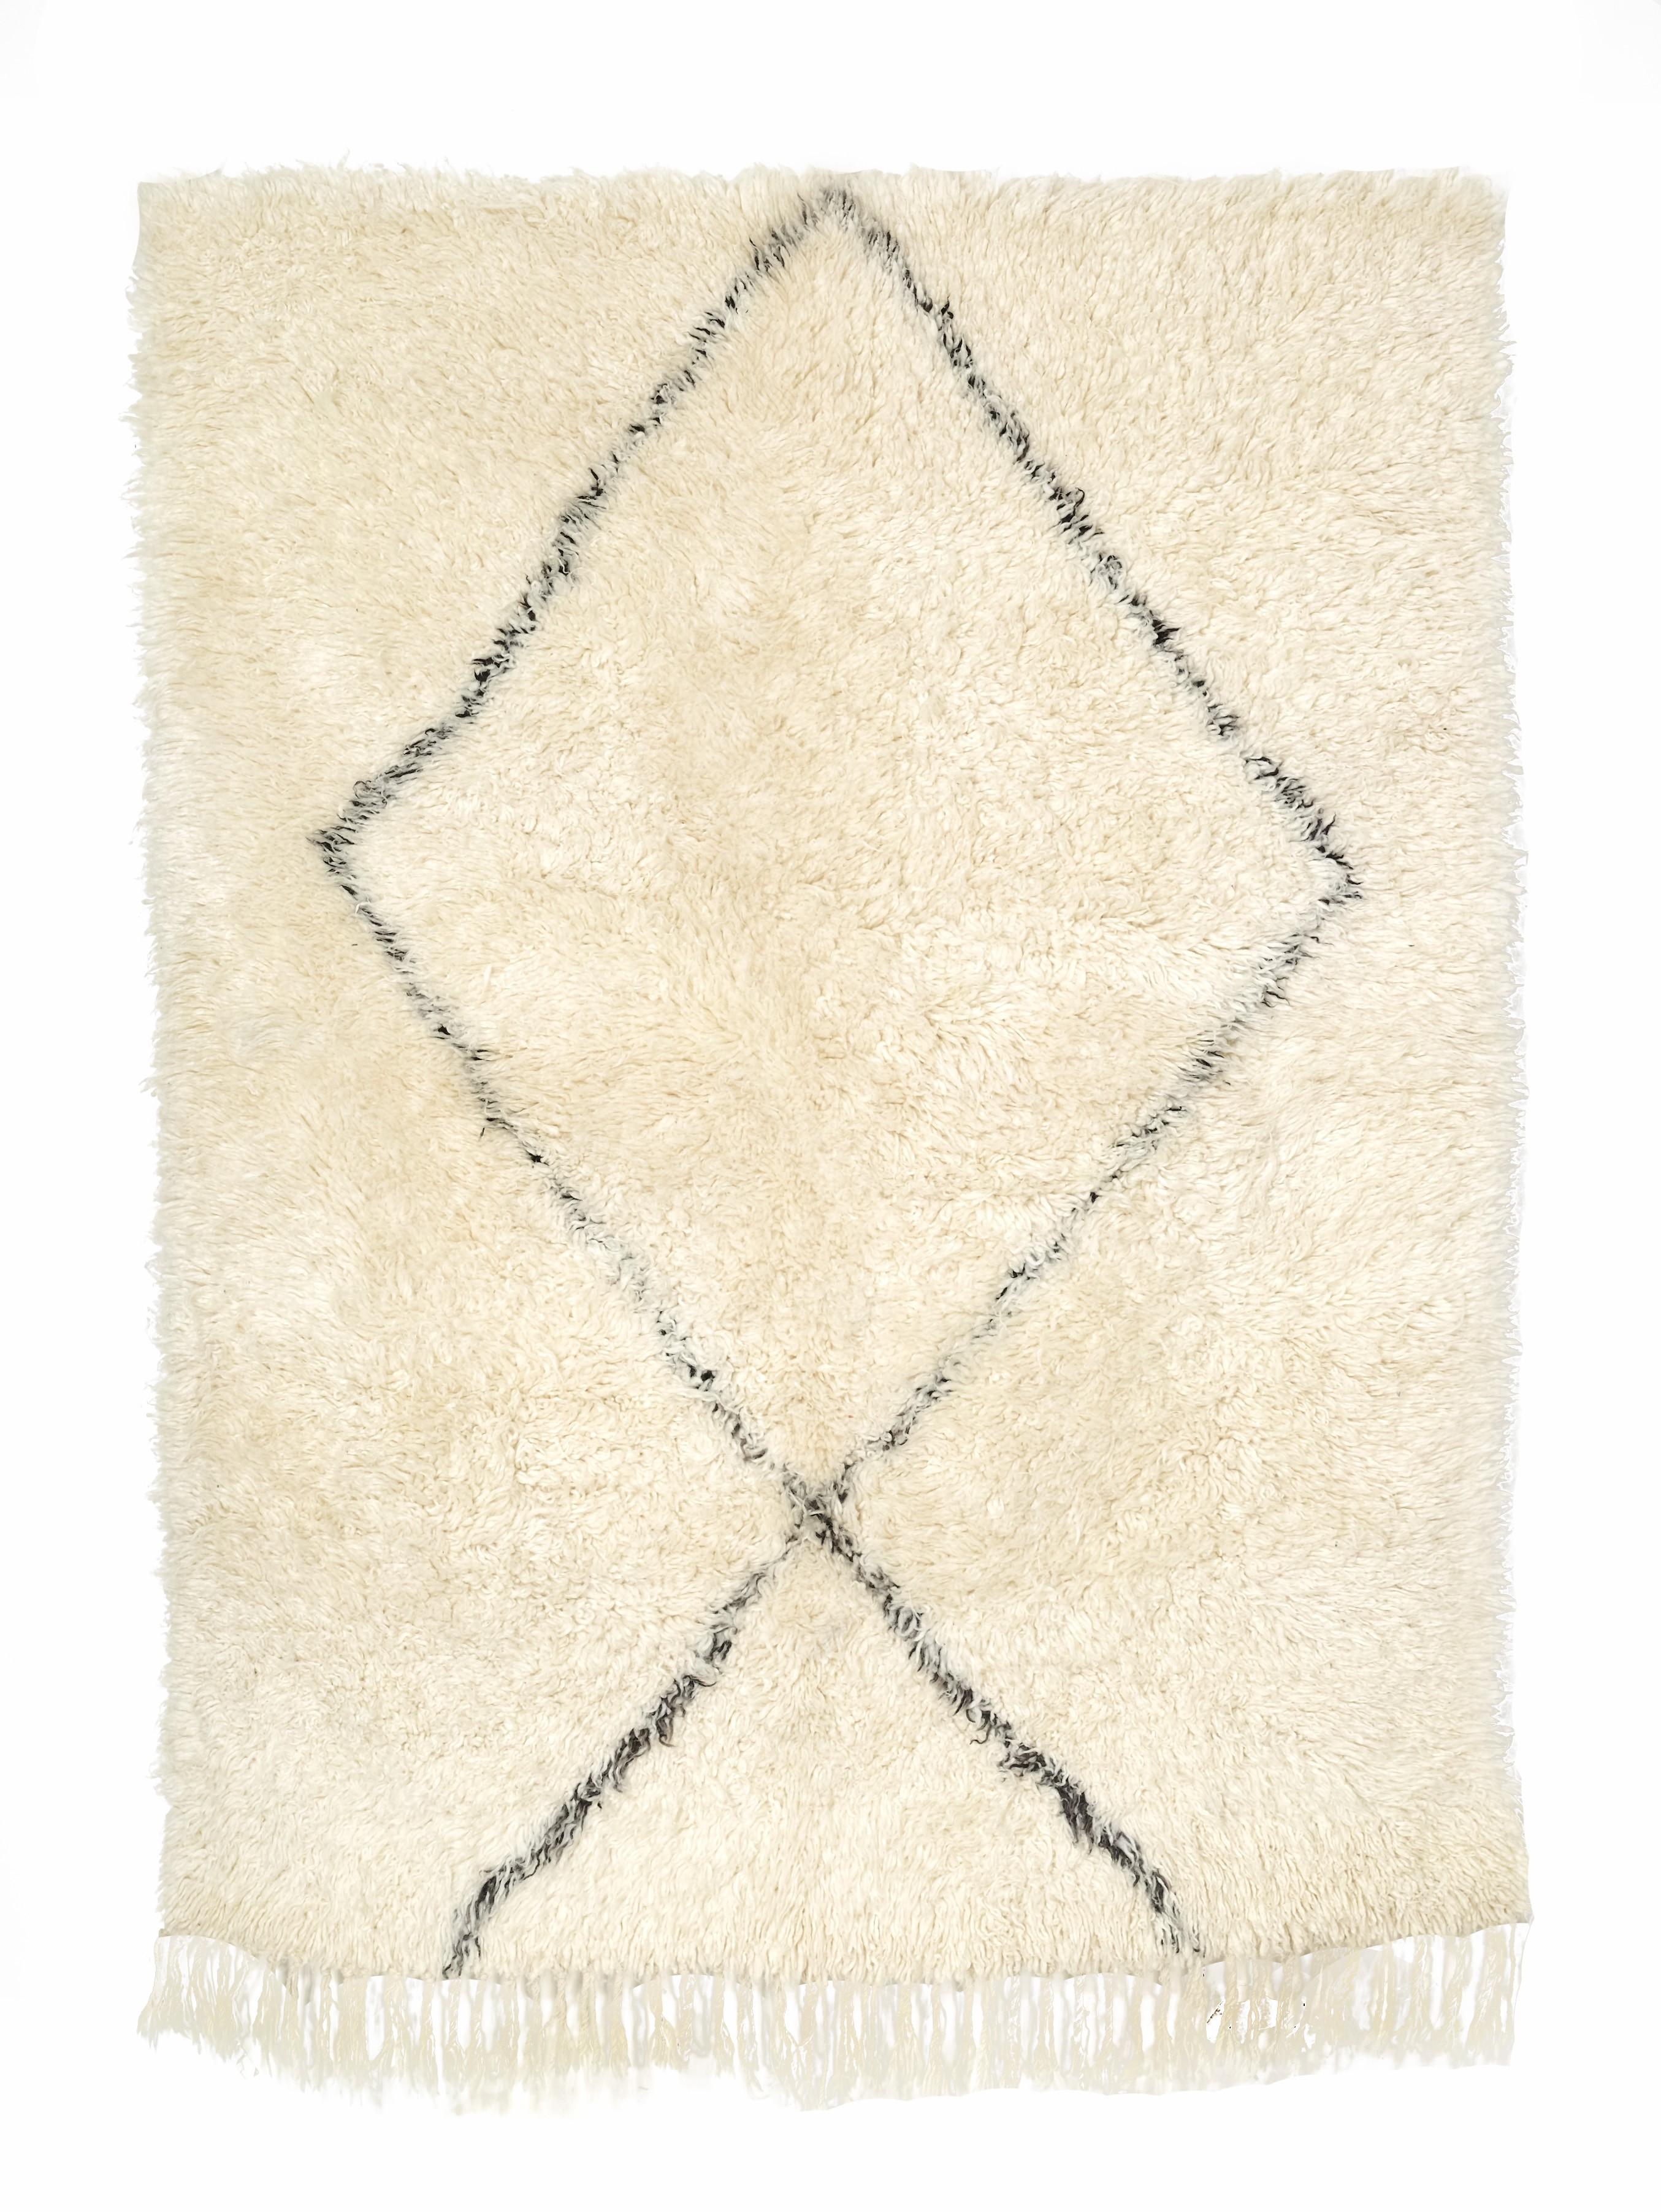 TAPIS BERBERE BENI OUARAIN 210 x 150 cm